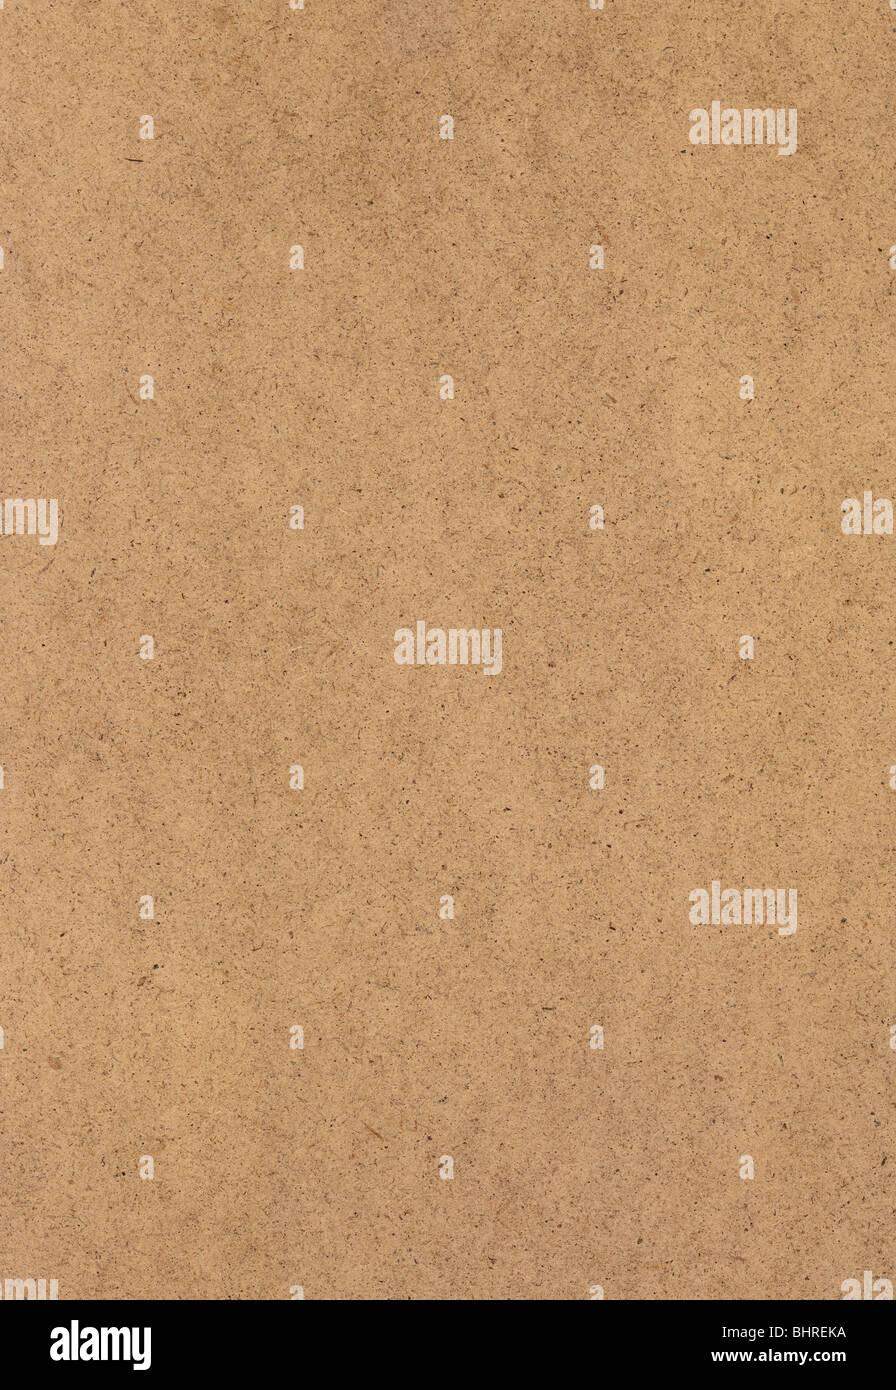 Hoja Сardboard llanura plana superficie de textura. Tamaño nativo, no convertidos. Imagen De Stock